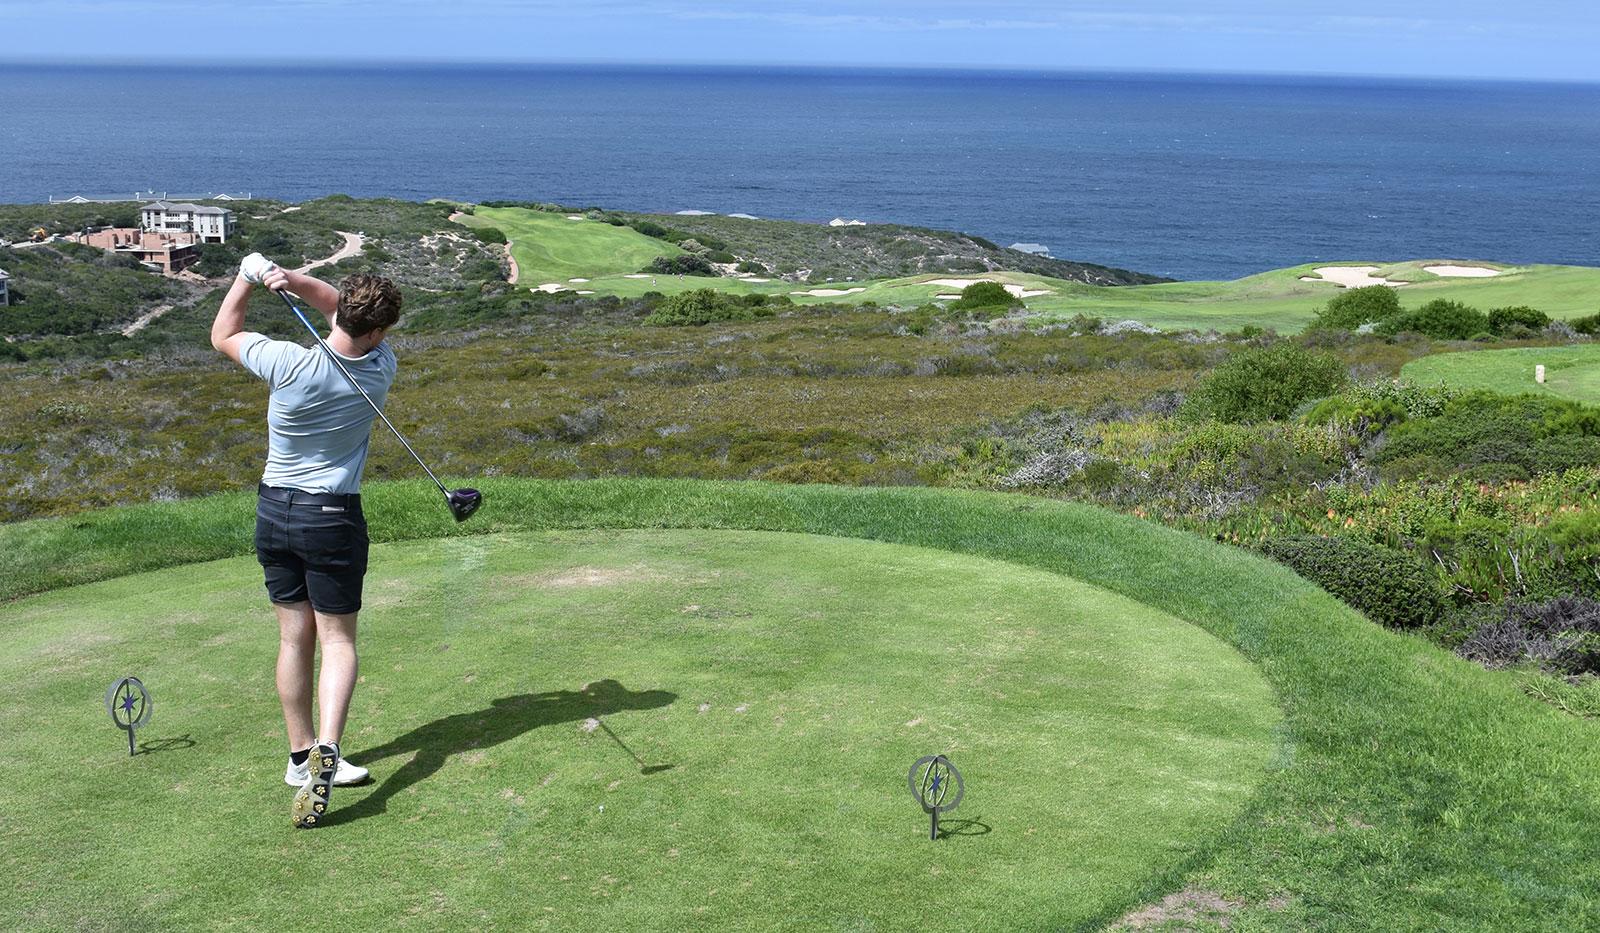 Golfabschlag auf dem Platz von Pinnacle Point